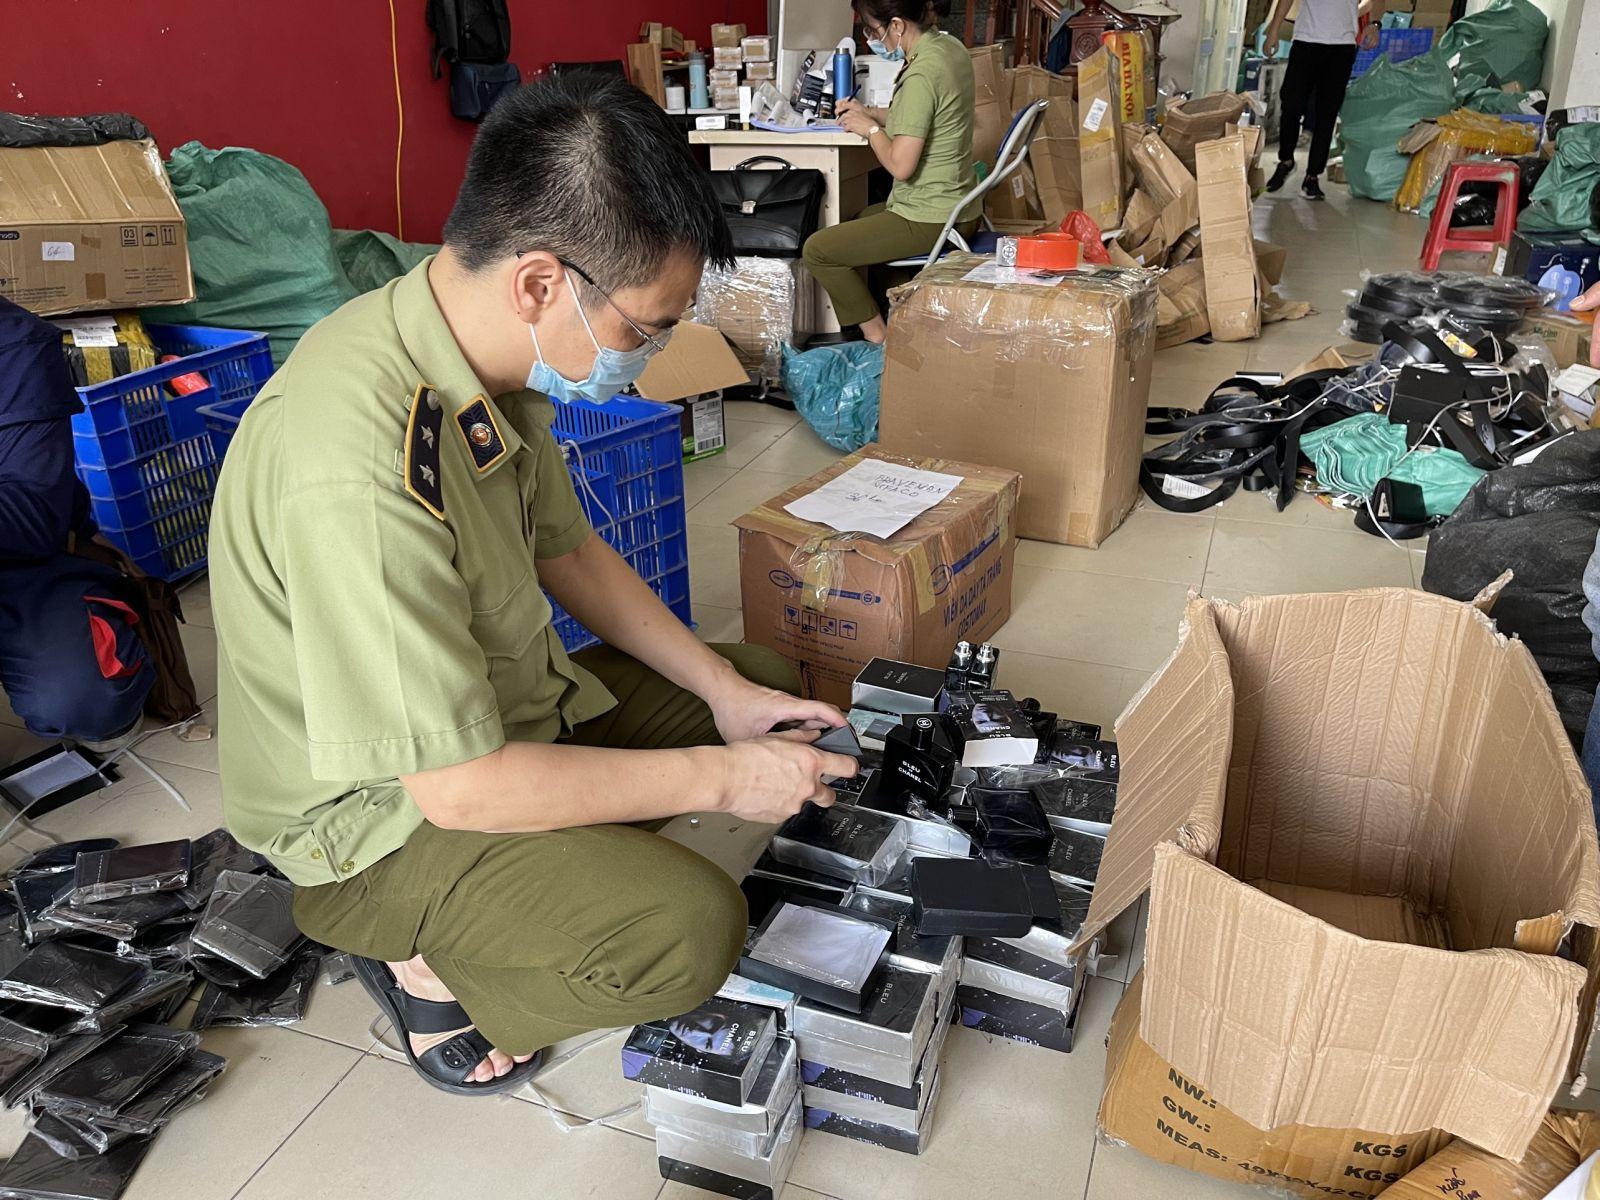 Hà Nội: Thu giữ hàng nghìn mỹ phẩm giả mạo nhãn hiệu, không có hóa đơn chứng từ